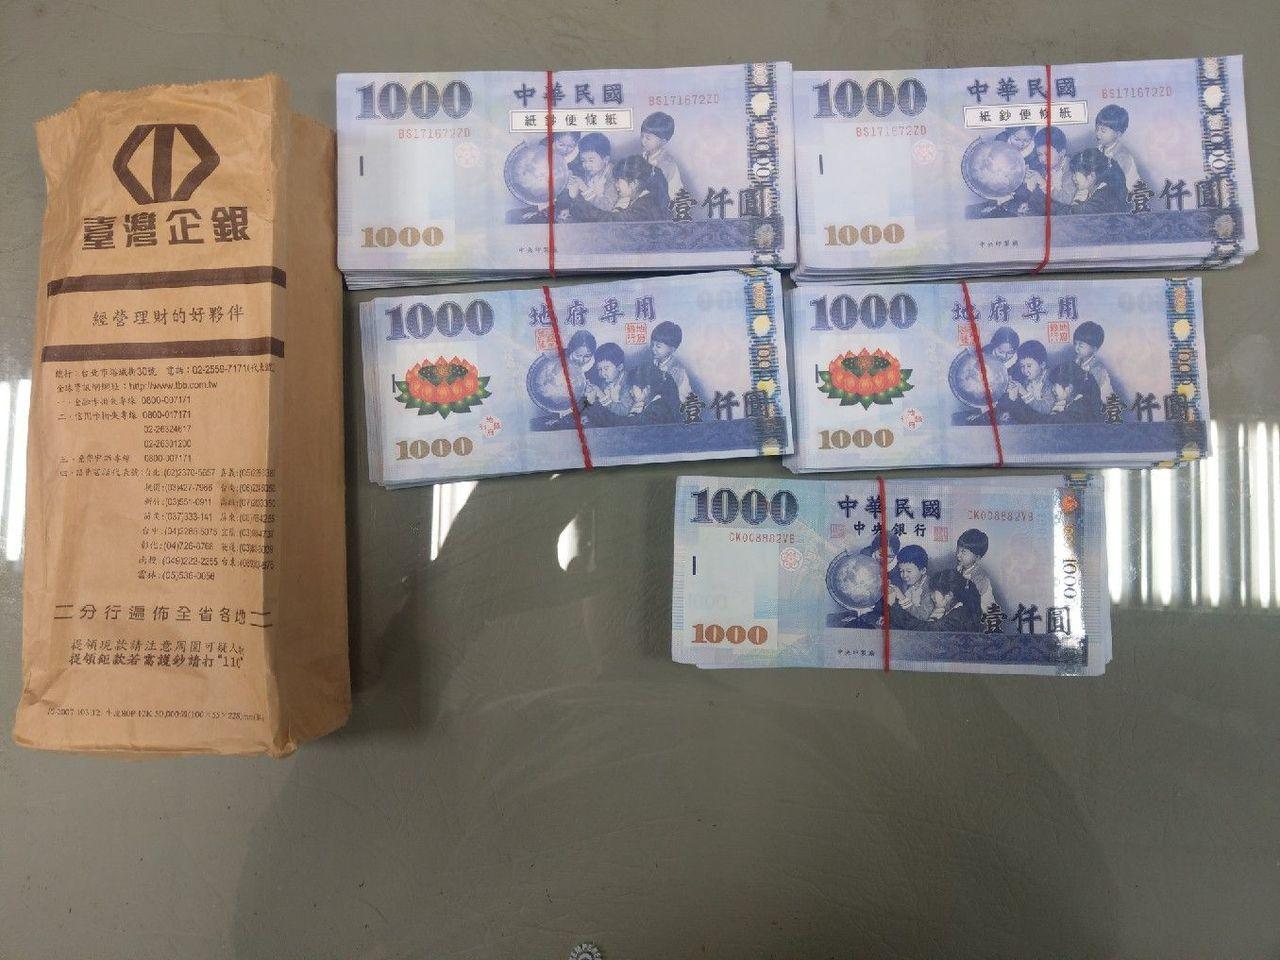 警方準備「現金」只有兩張是真鈔。記者鄭國樑/翻攝